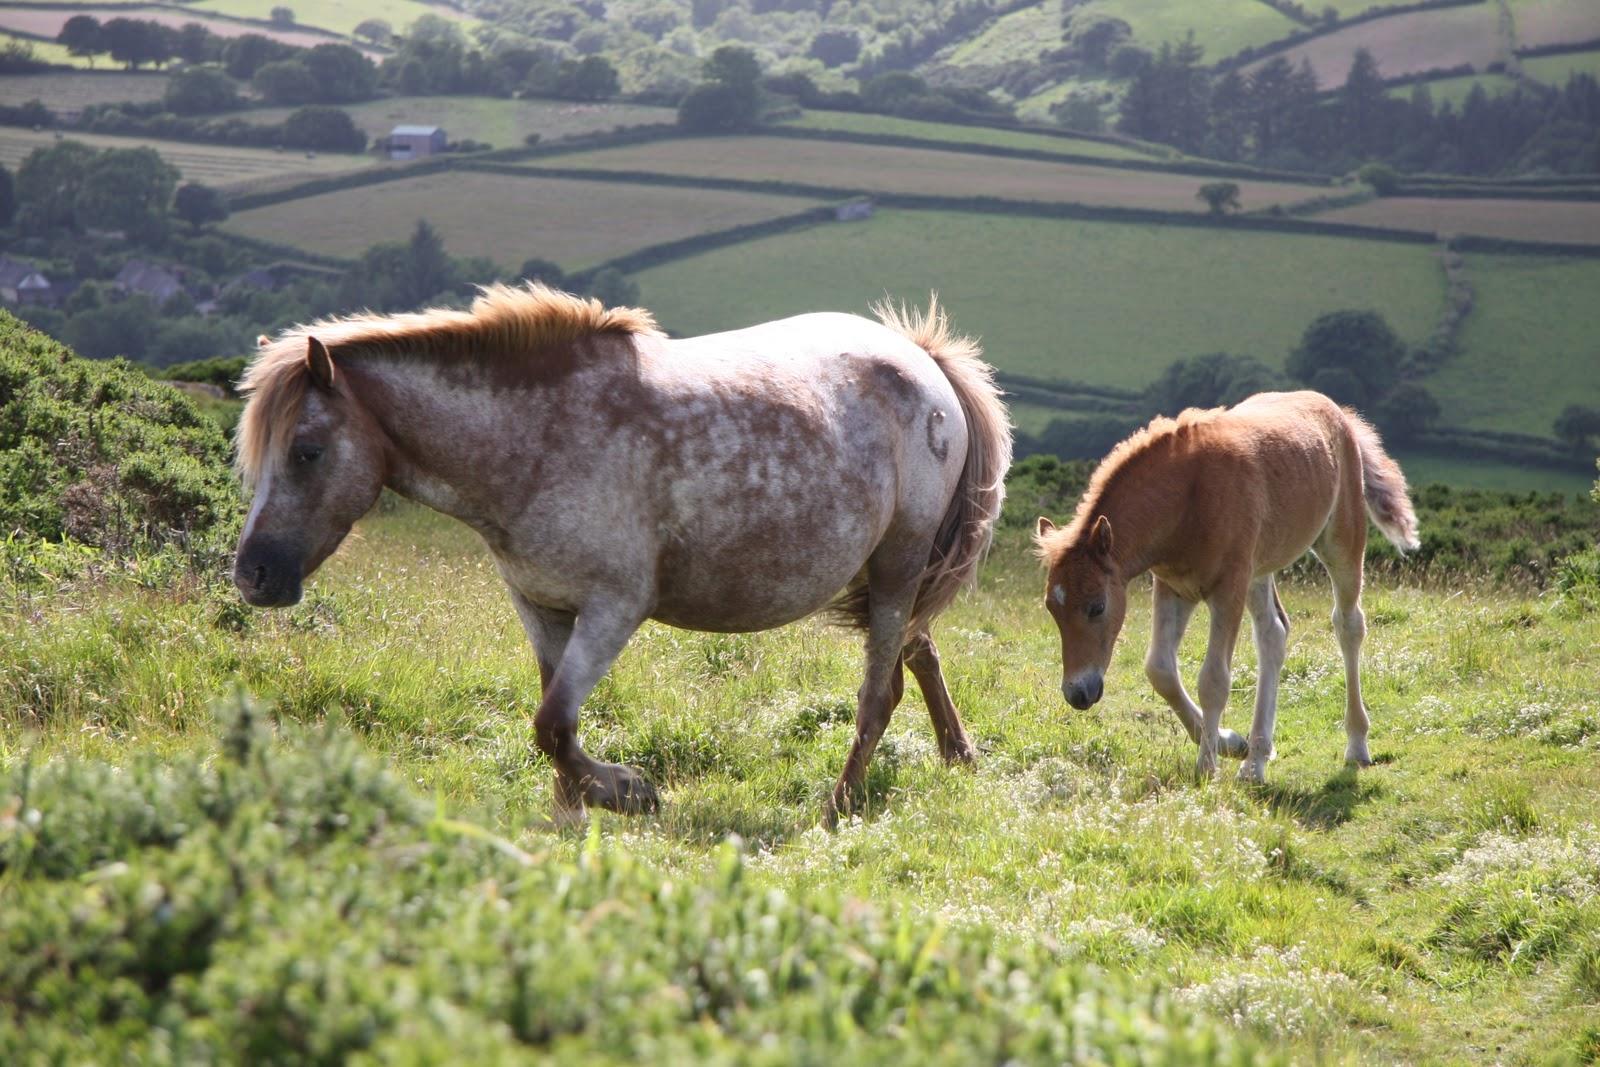 http://1.bp.blogspot.com/-7u_d7DFE9Yg/Tnh2j18HnrI/AAAAAAAAAL0/QuKdD1JZ1yI/s1600/white+wild+horses+%252810%2529.jpg